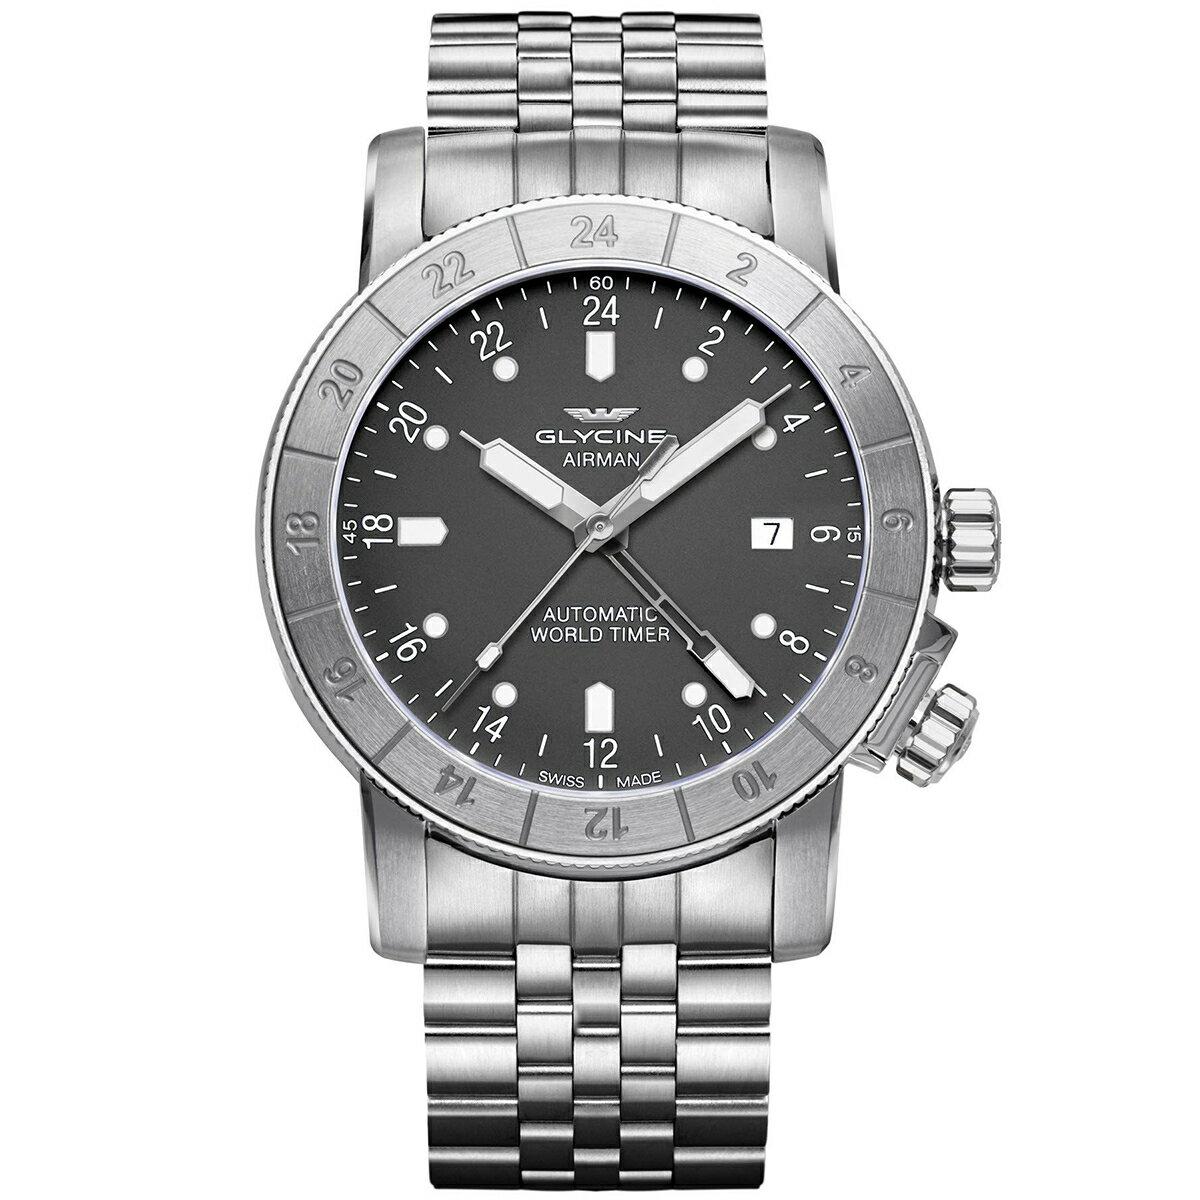 グライシン グリシン GLYCINE エアマン AIRMAN 42 GL0065 メンズ 時計 腕時計 自動巻き オートマチック スイス製 スイスメイド ワールドタイム表示